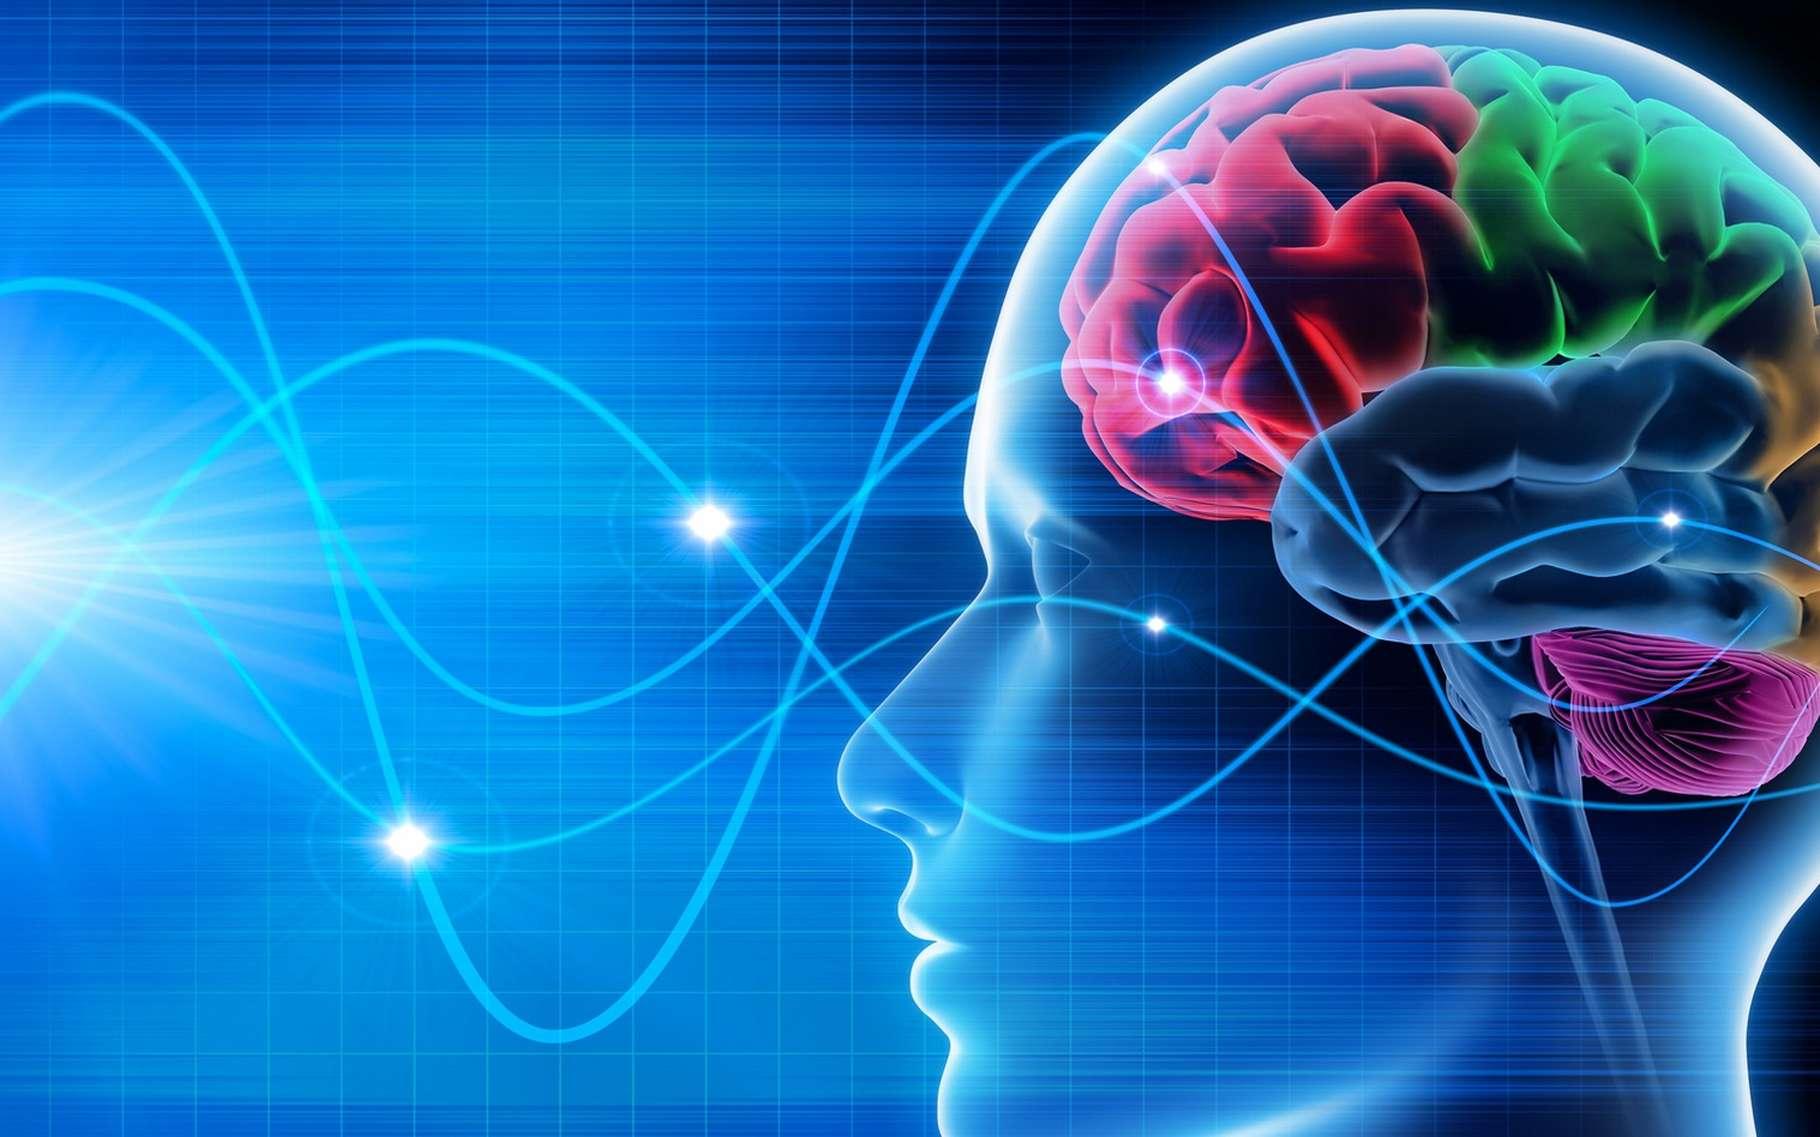 Les travaux des chercheurs du MIT et de l'université de Boston ouvrent la voie à la création d'interfaces neuronales directes qui permettront à l'Homme d'interagir de manière plus intuitive avec les robots. © Psdesign1, Fotolia